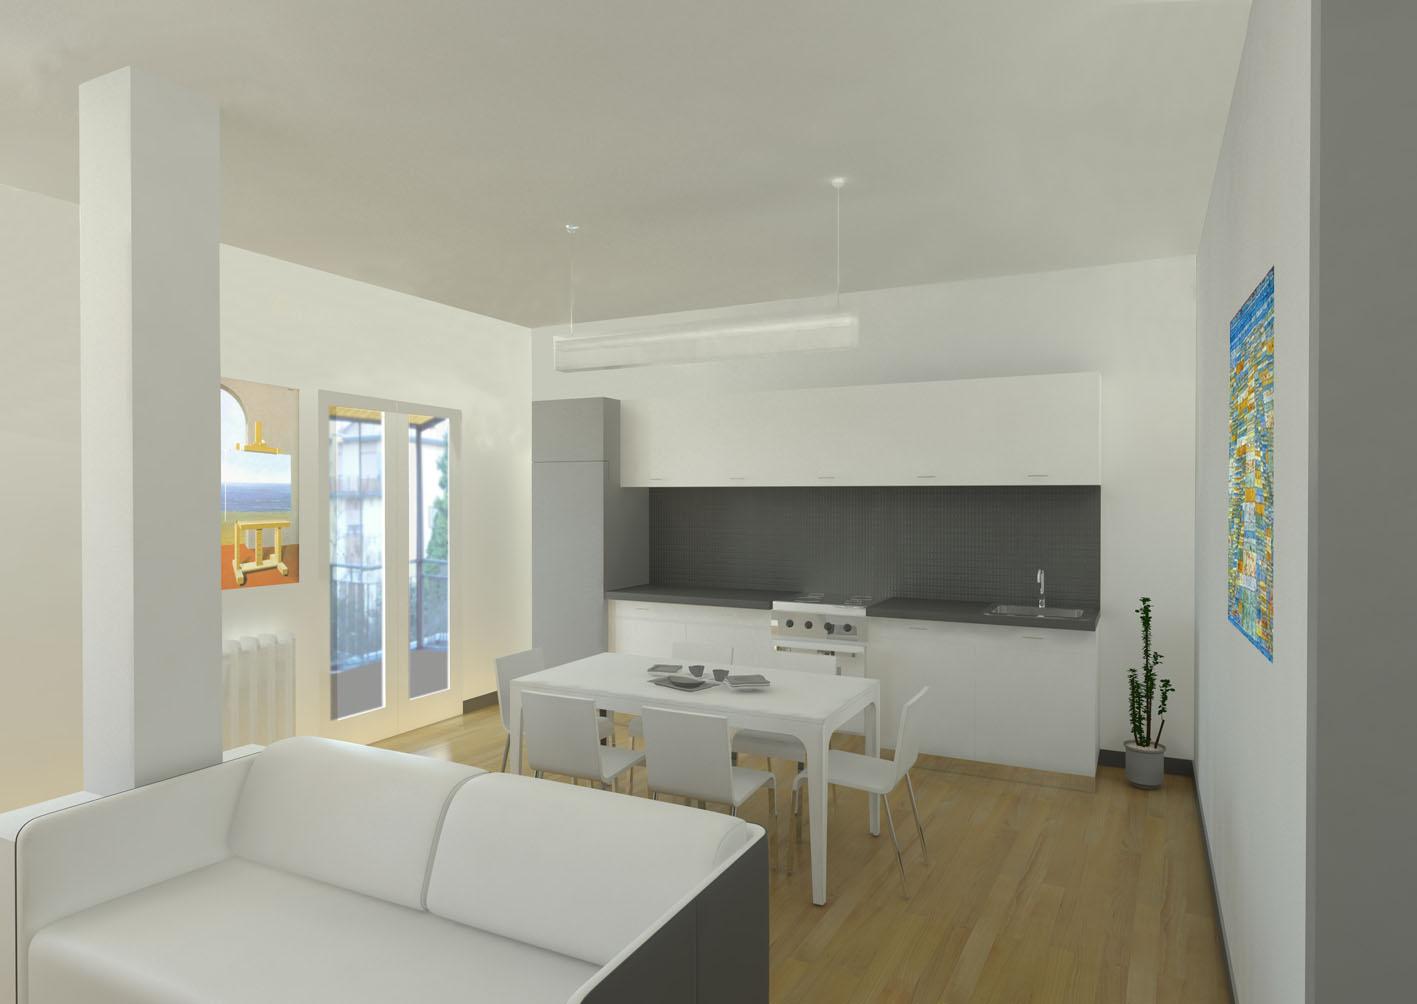 Progetti interni case progetti case moderne interni home for Progetti design interni